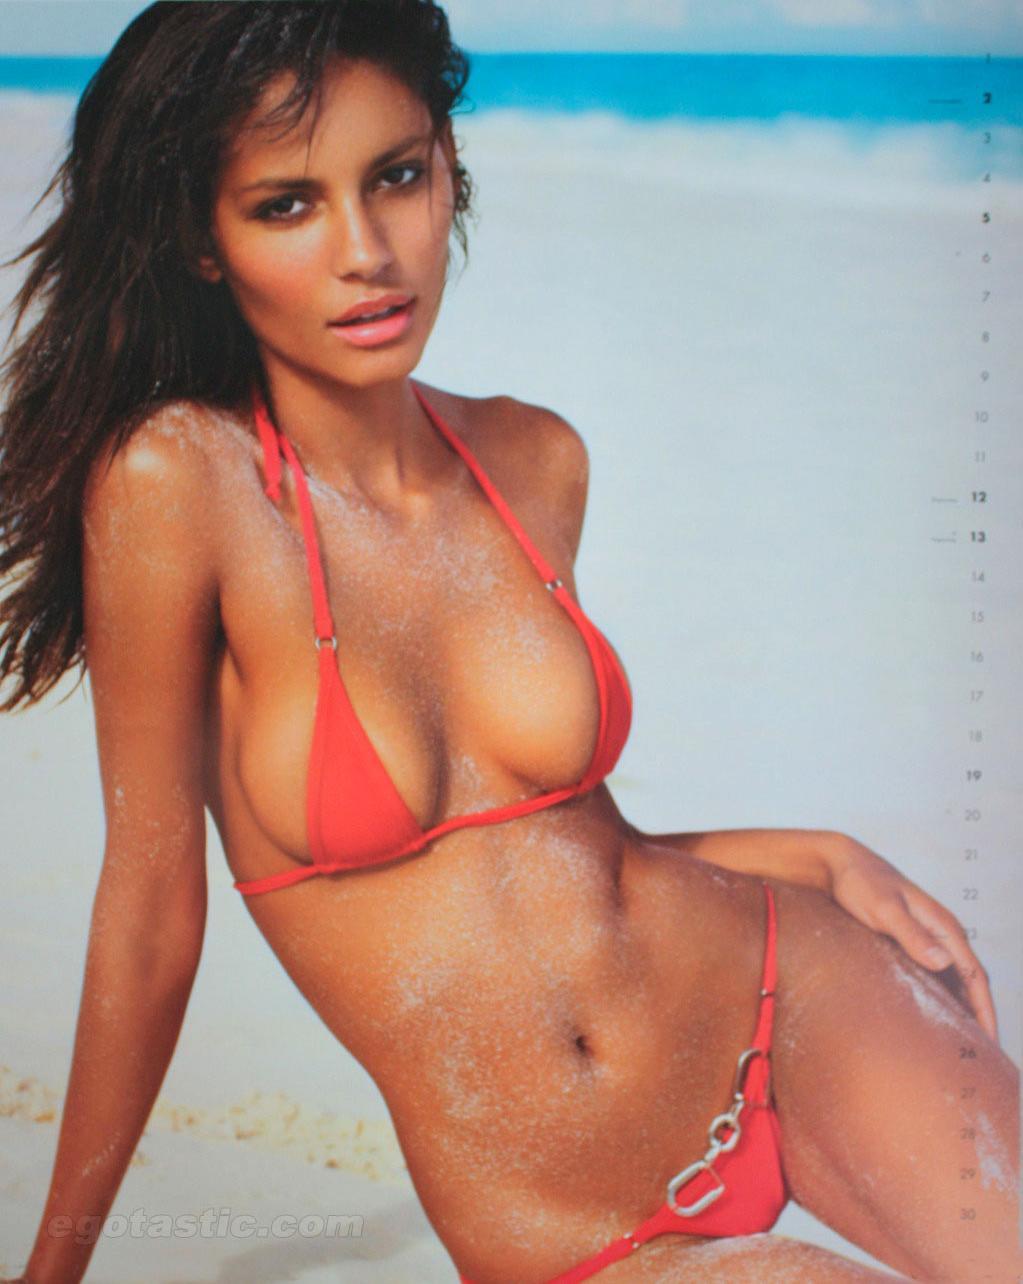 Emanuela de Paula in a bikini